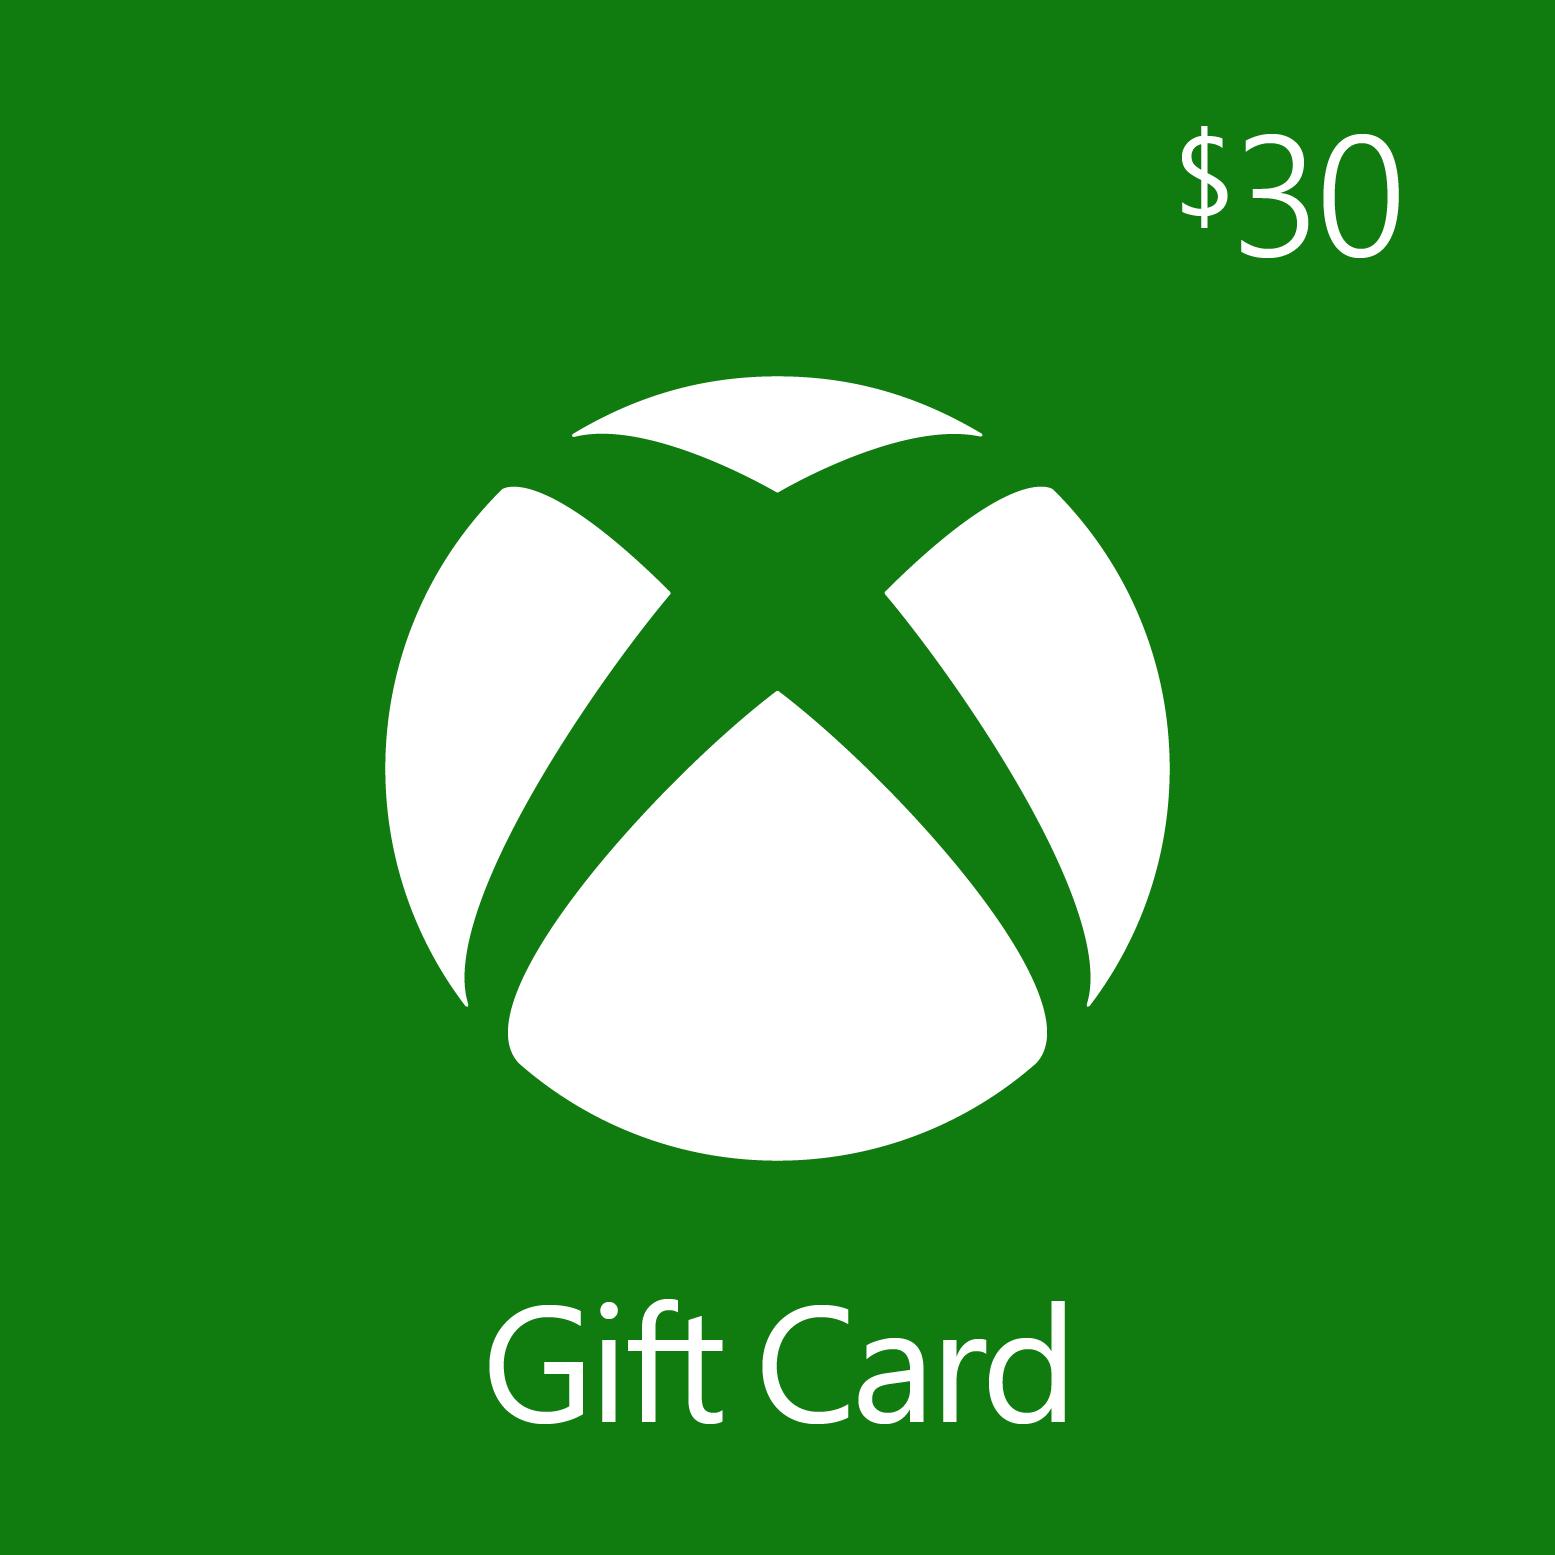 $30.00 Xbox Digital Gift Card